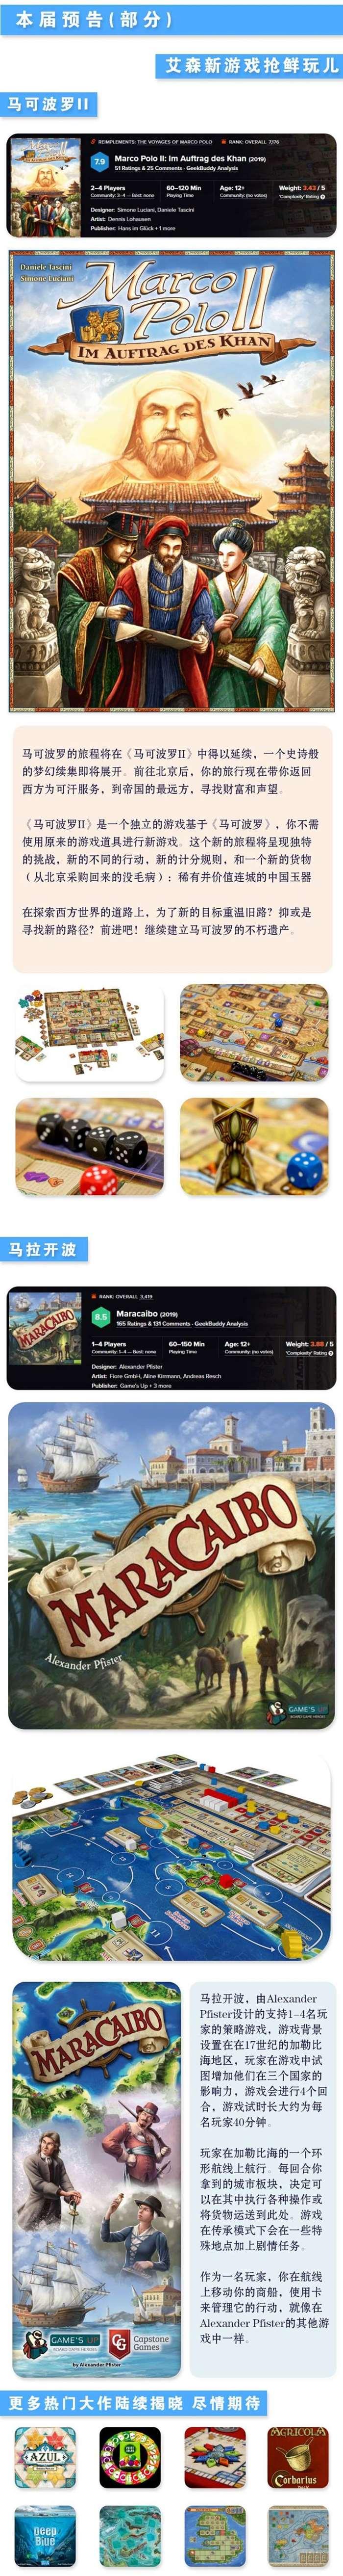 深圳桌游展 – 1.jpg